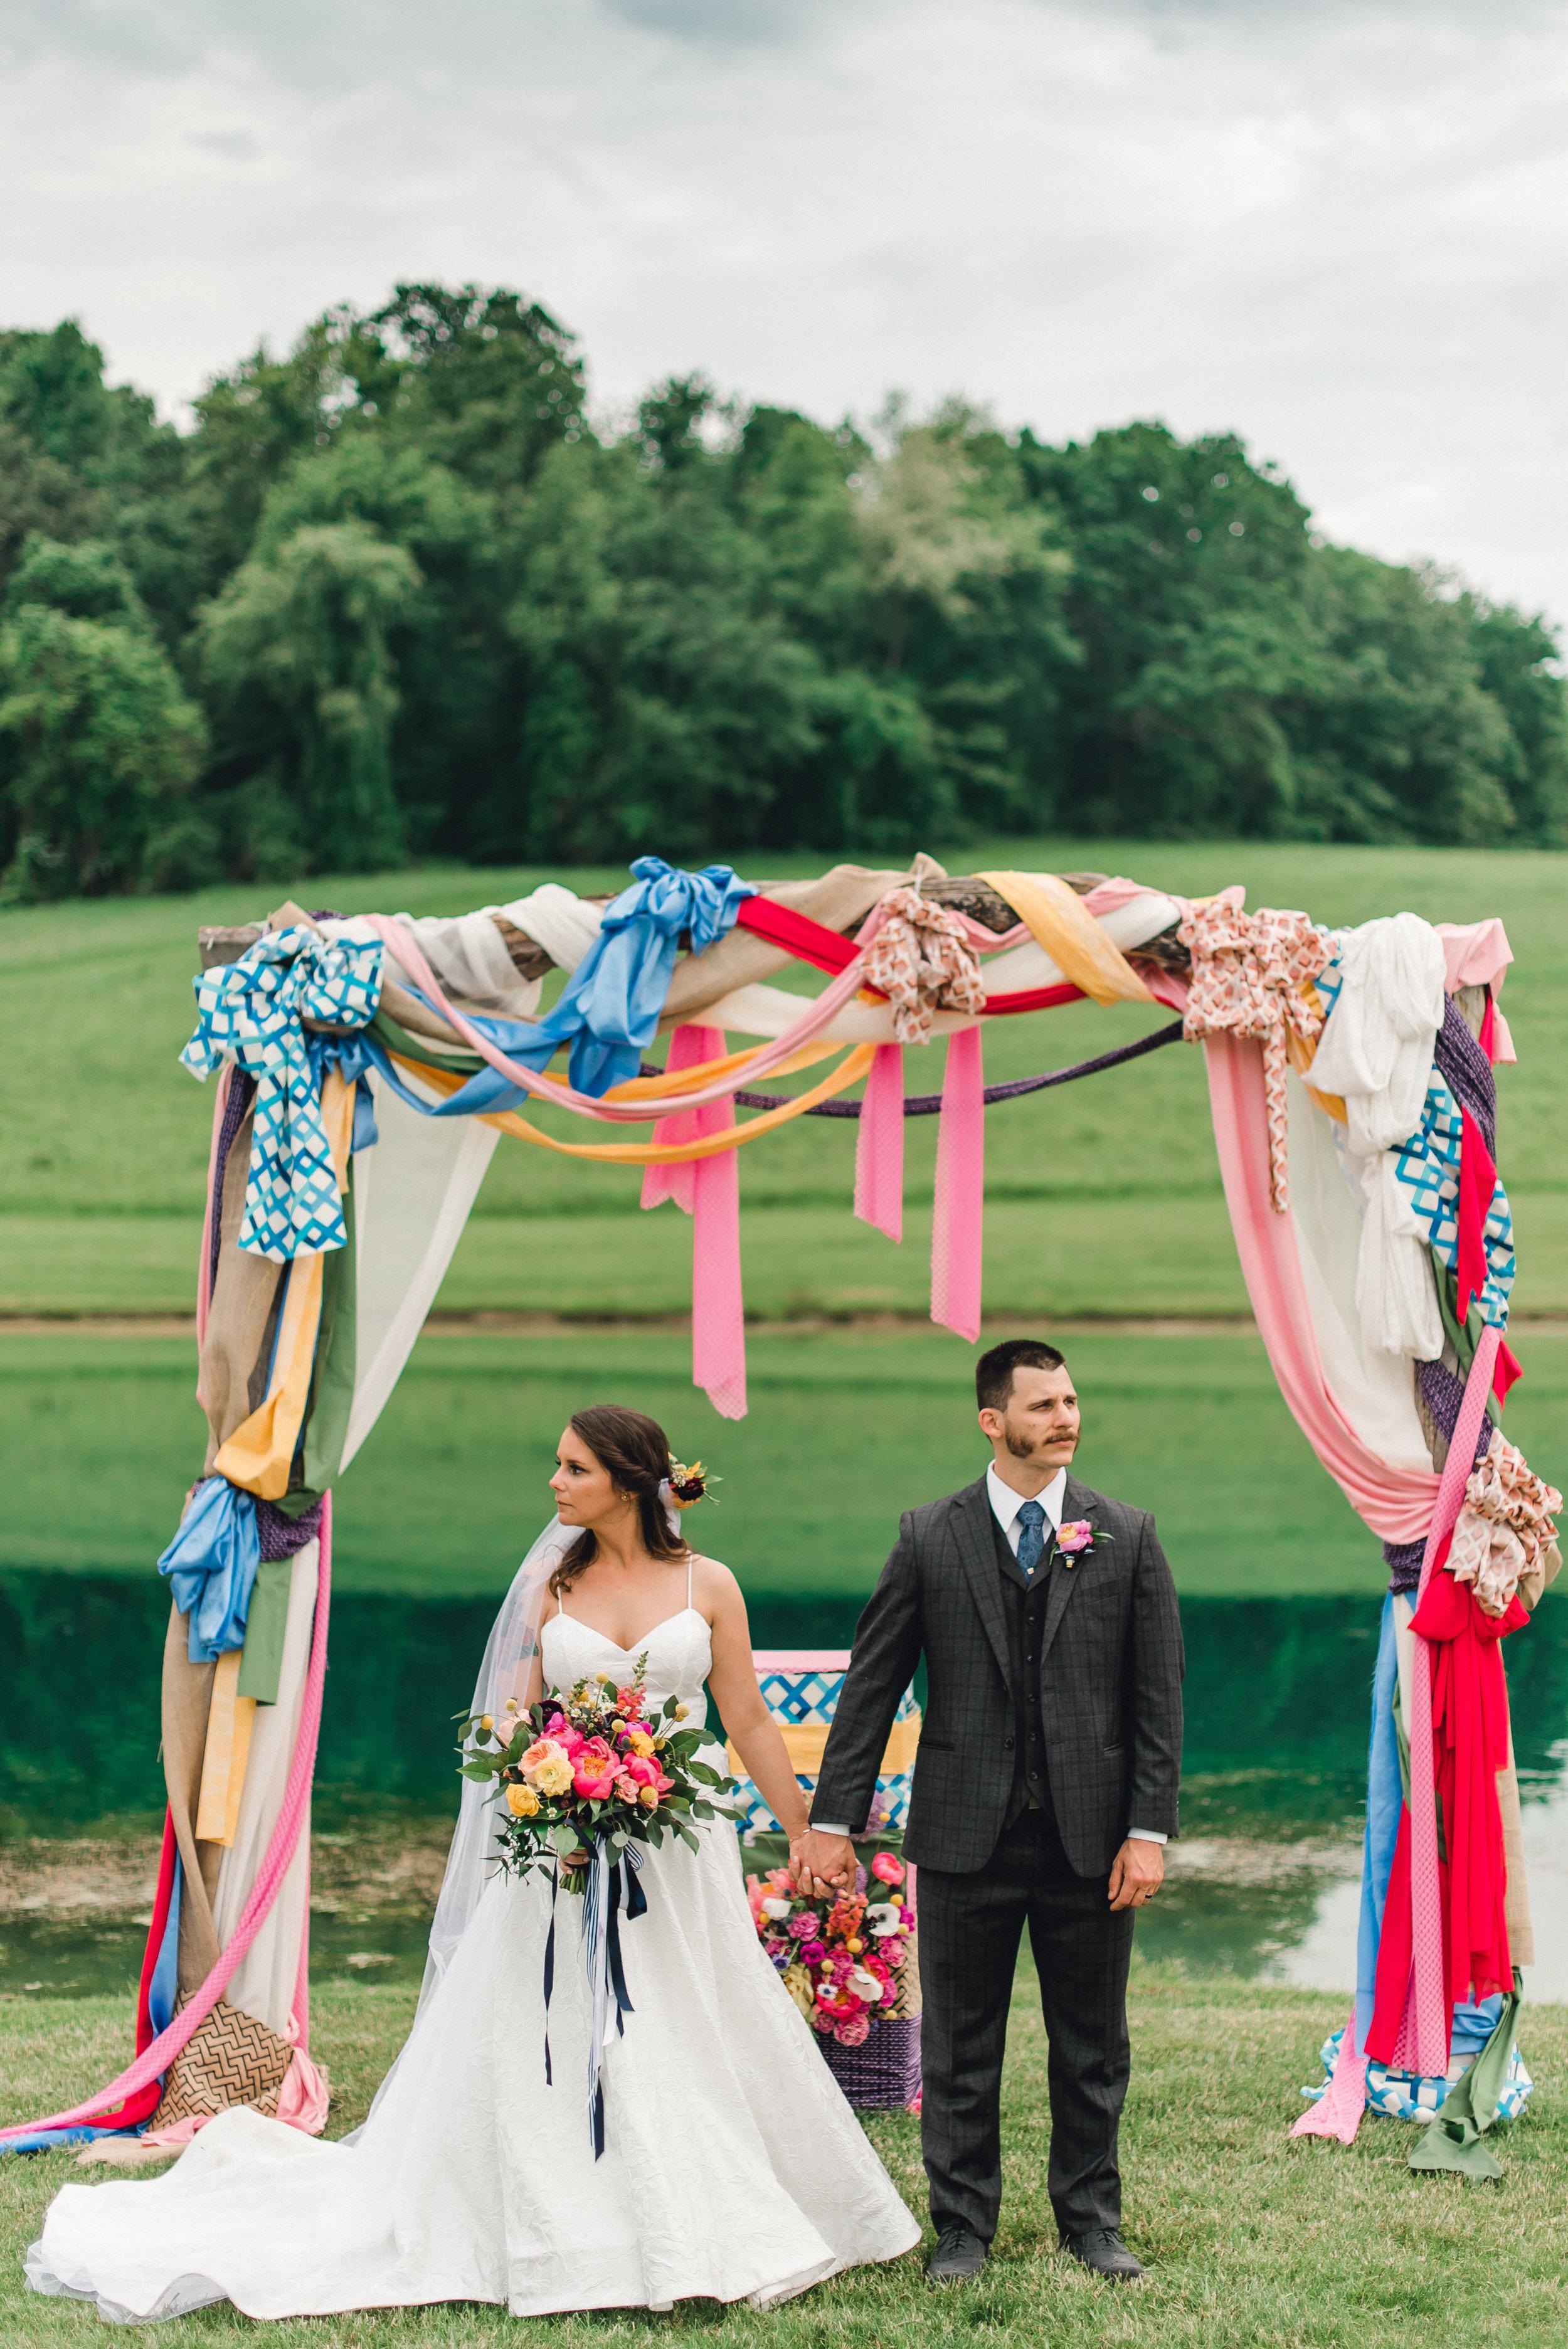 pittsburgh-wedding-bramblewood-farm-barn-wes-anderson-0033.jpg